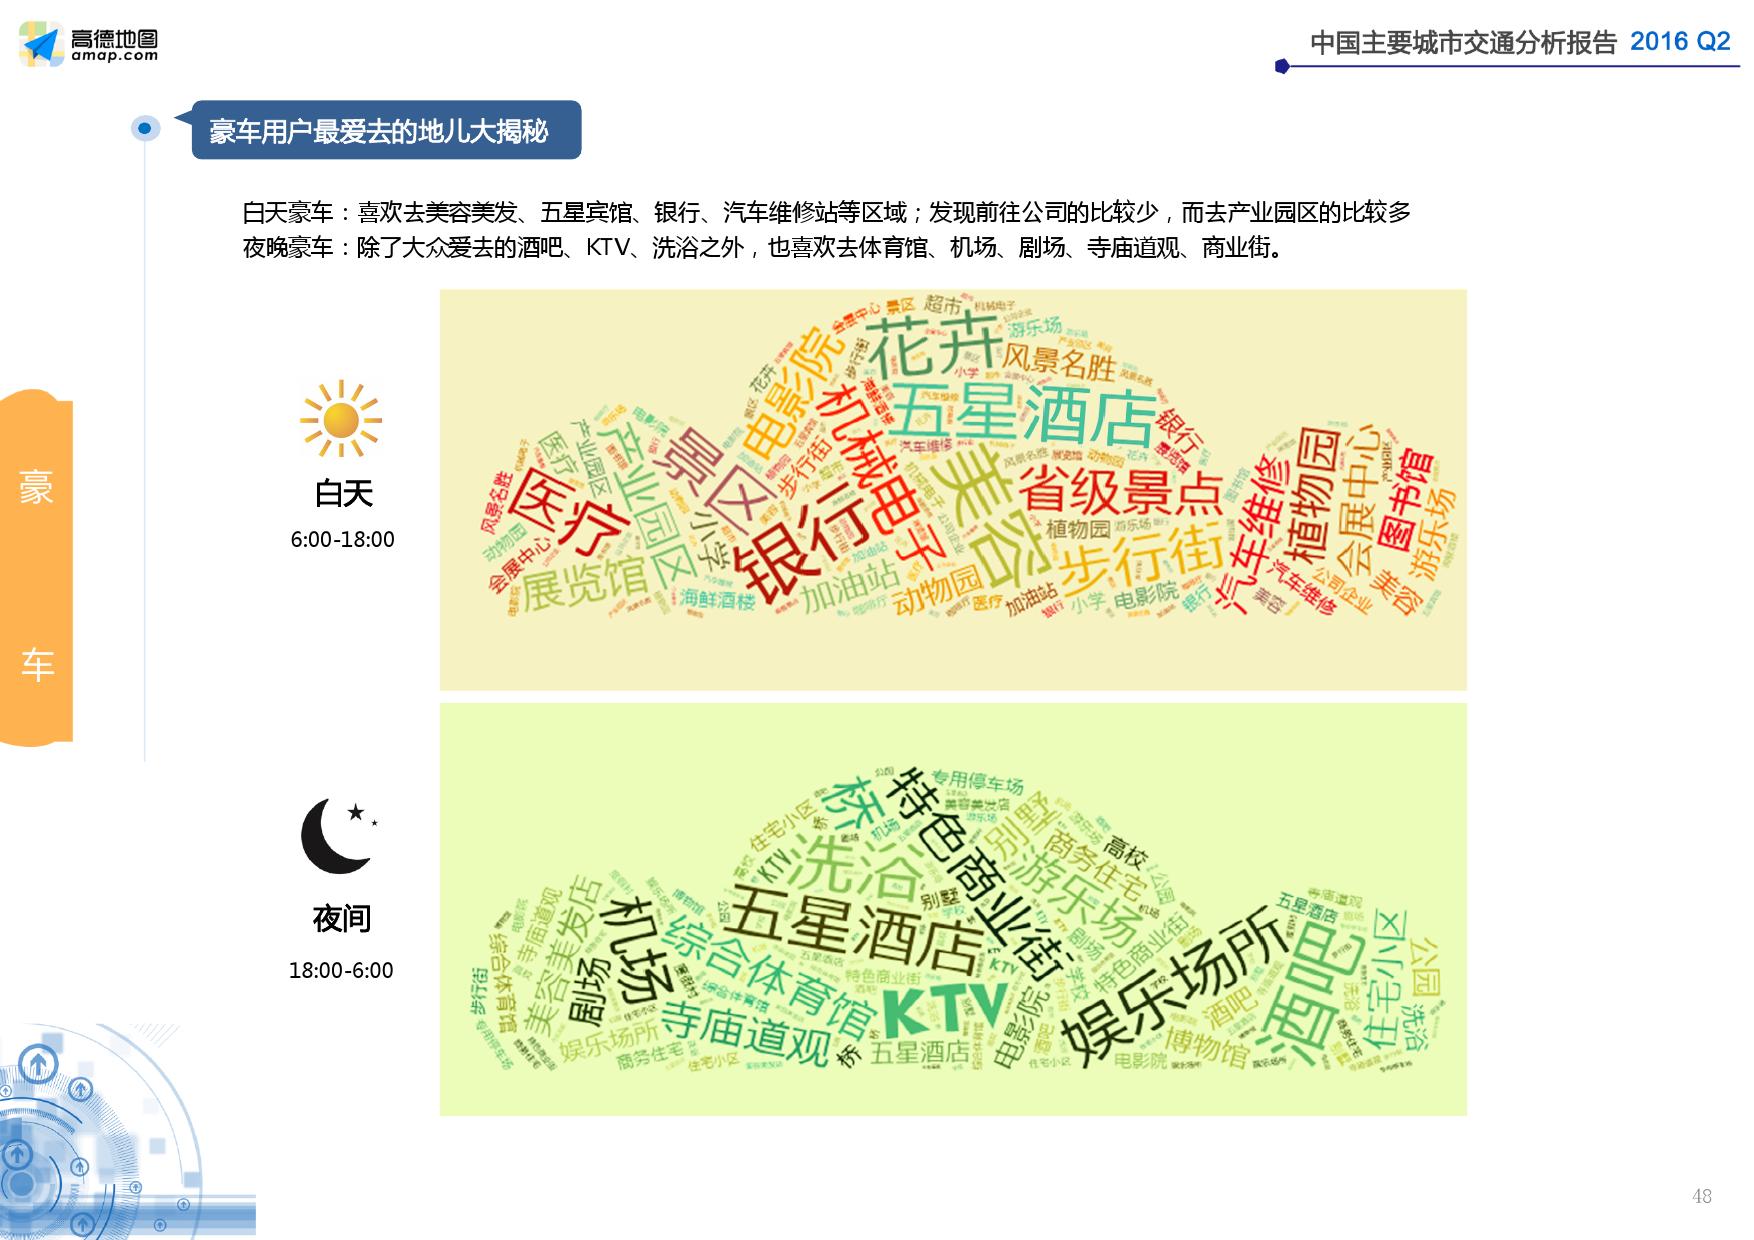 2016年Q2中国主要城市交通分析报告_000048